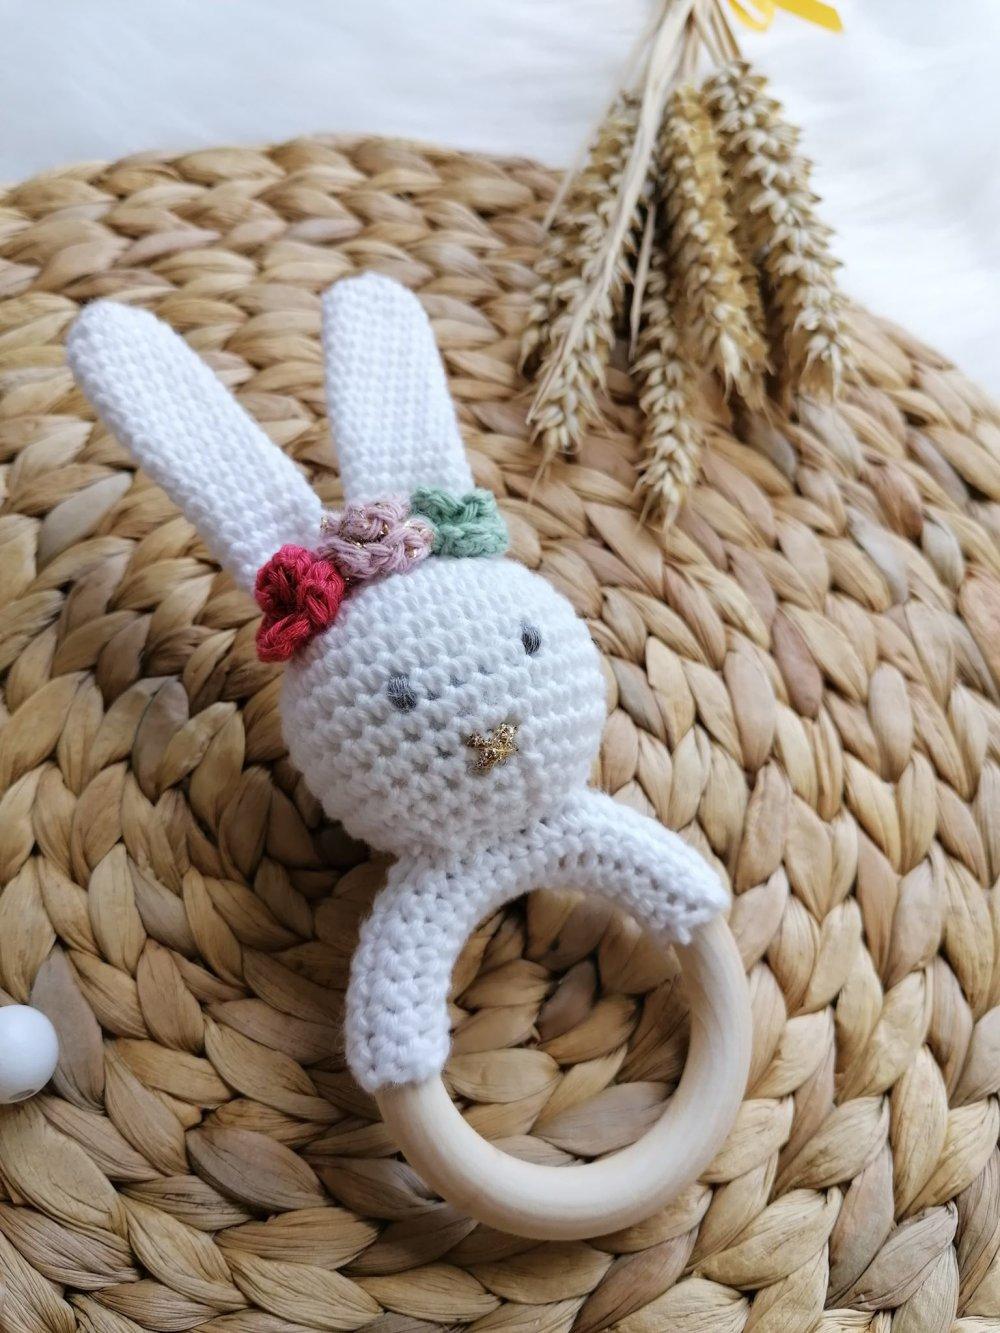 Hochet d'éveil: Lapin blanc avec couronne de fleurs